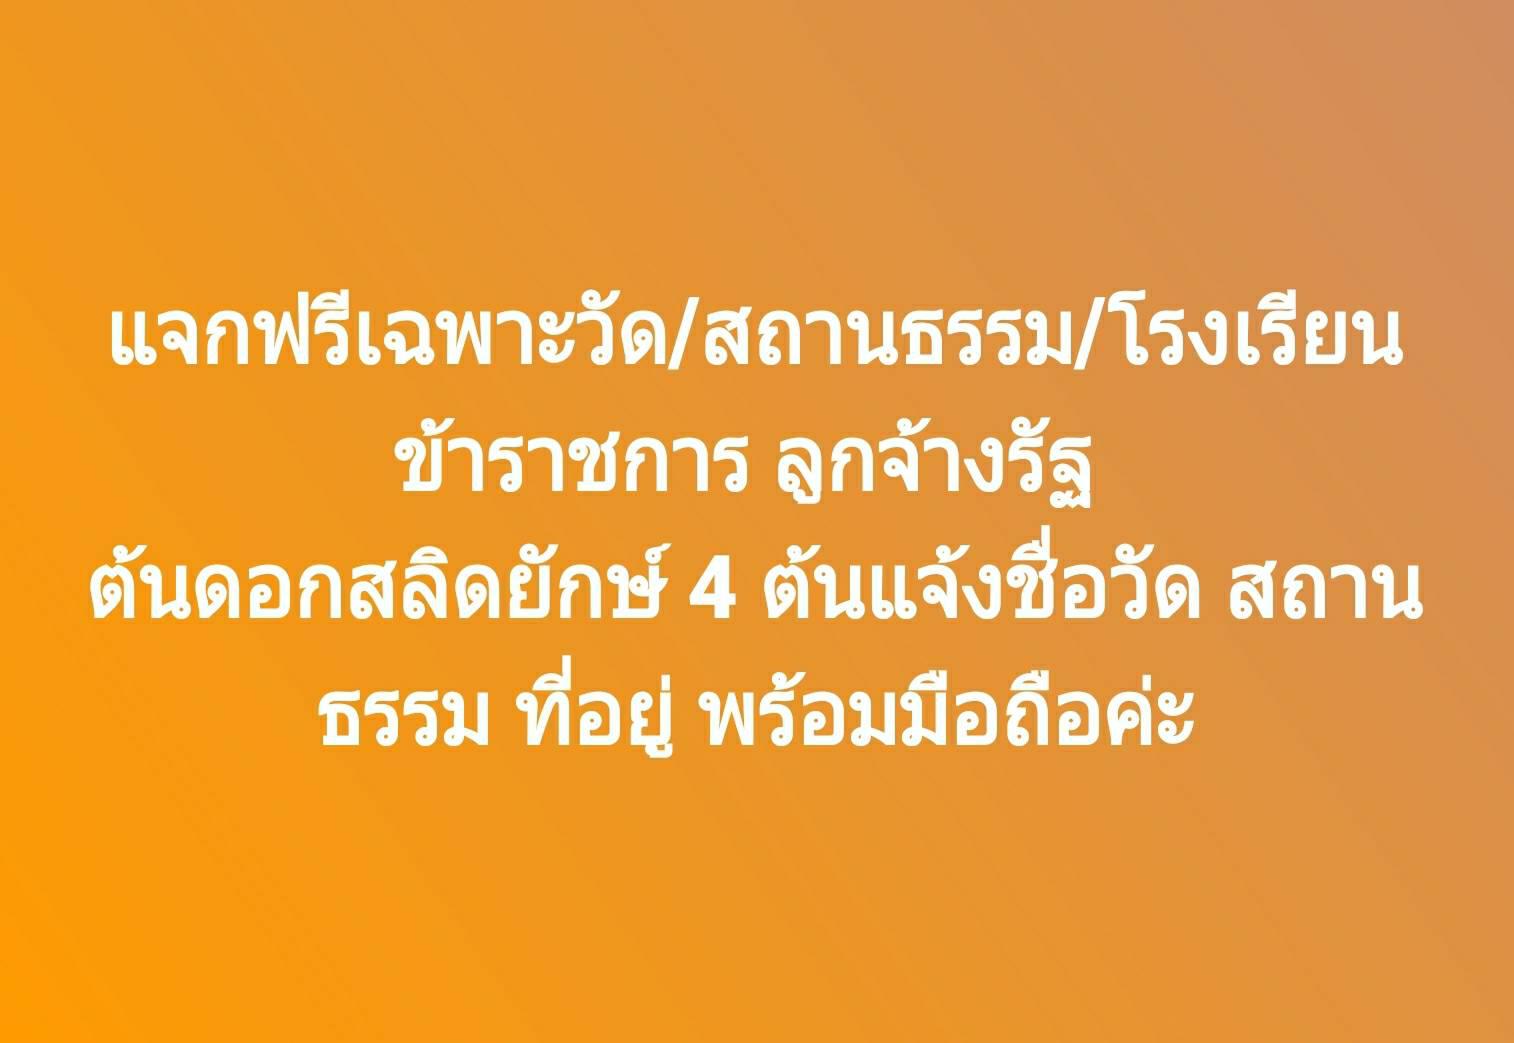 upload_2019-9-17_15-55-38.png